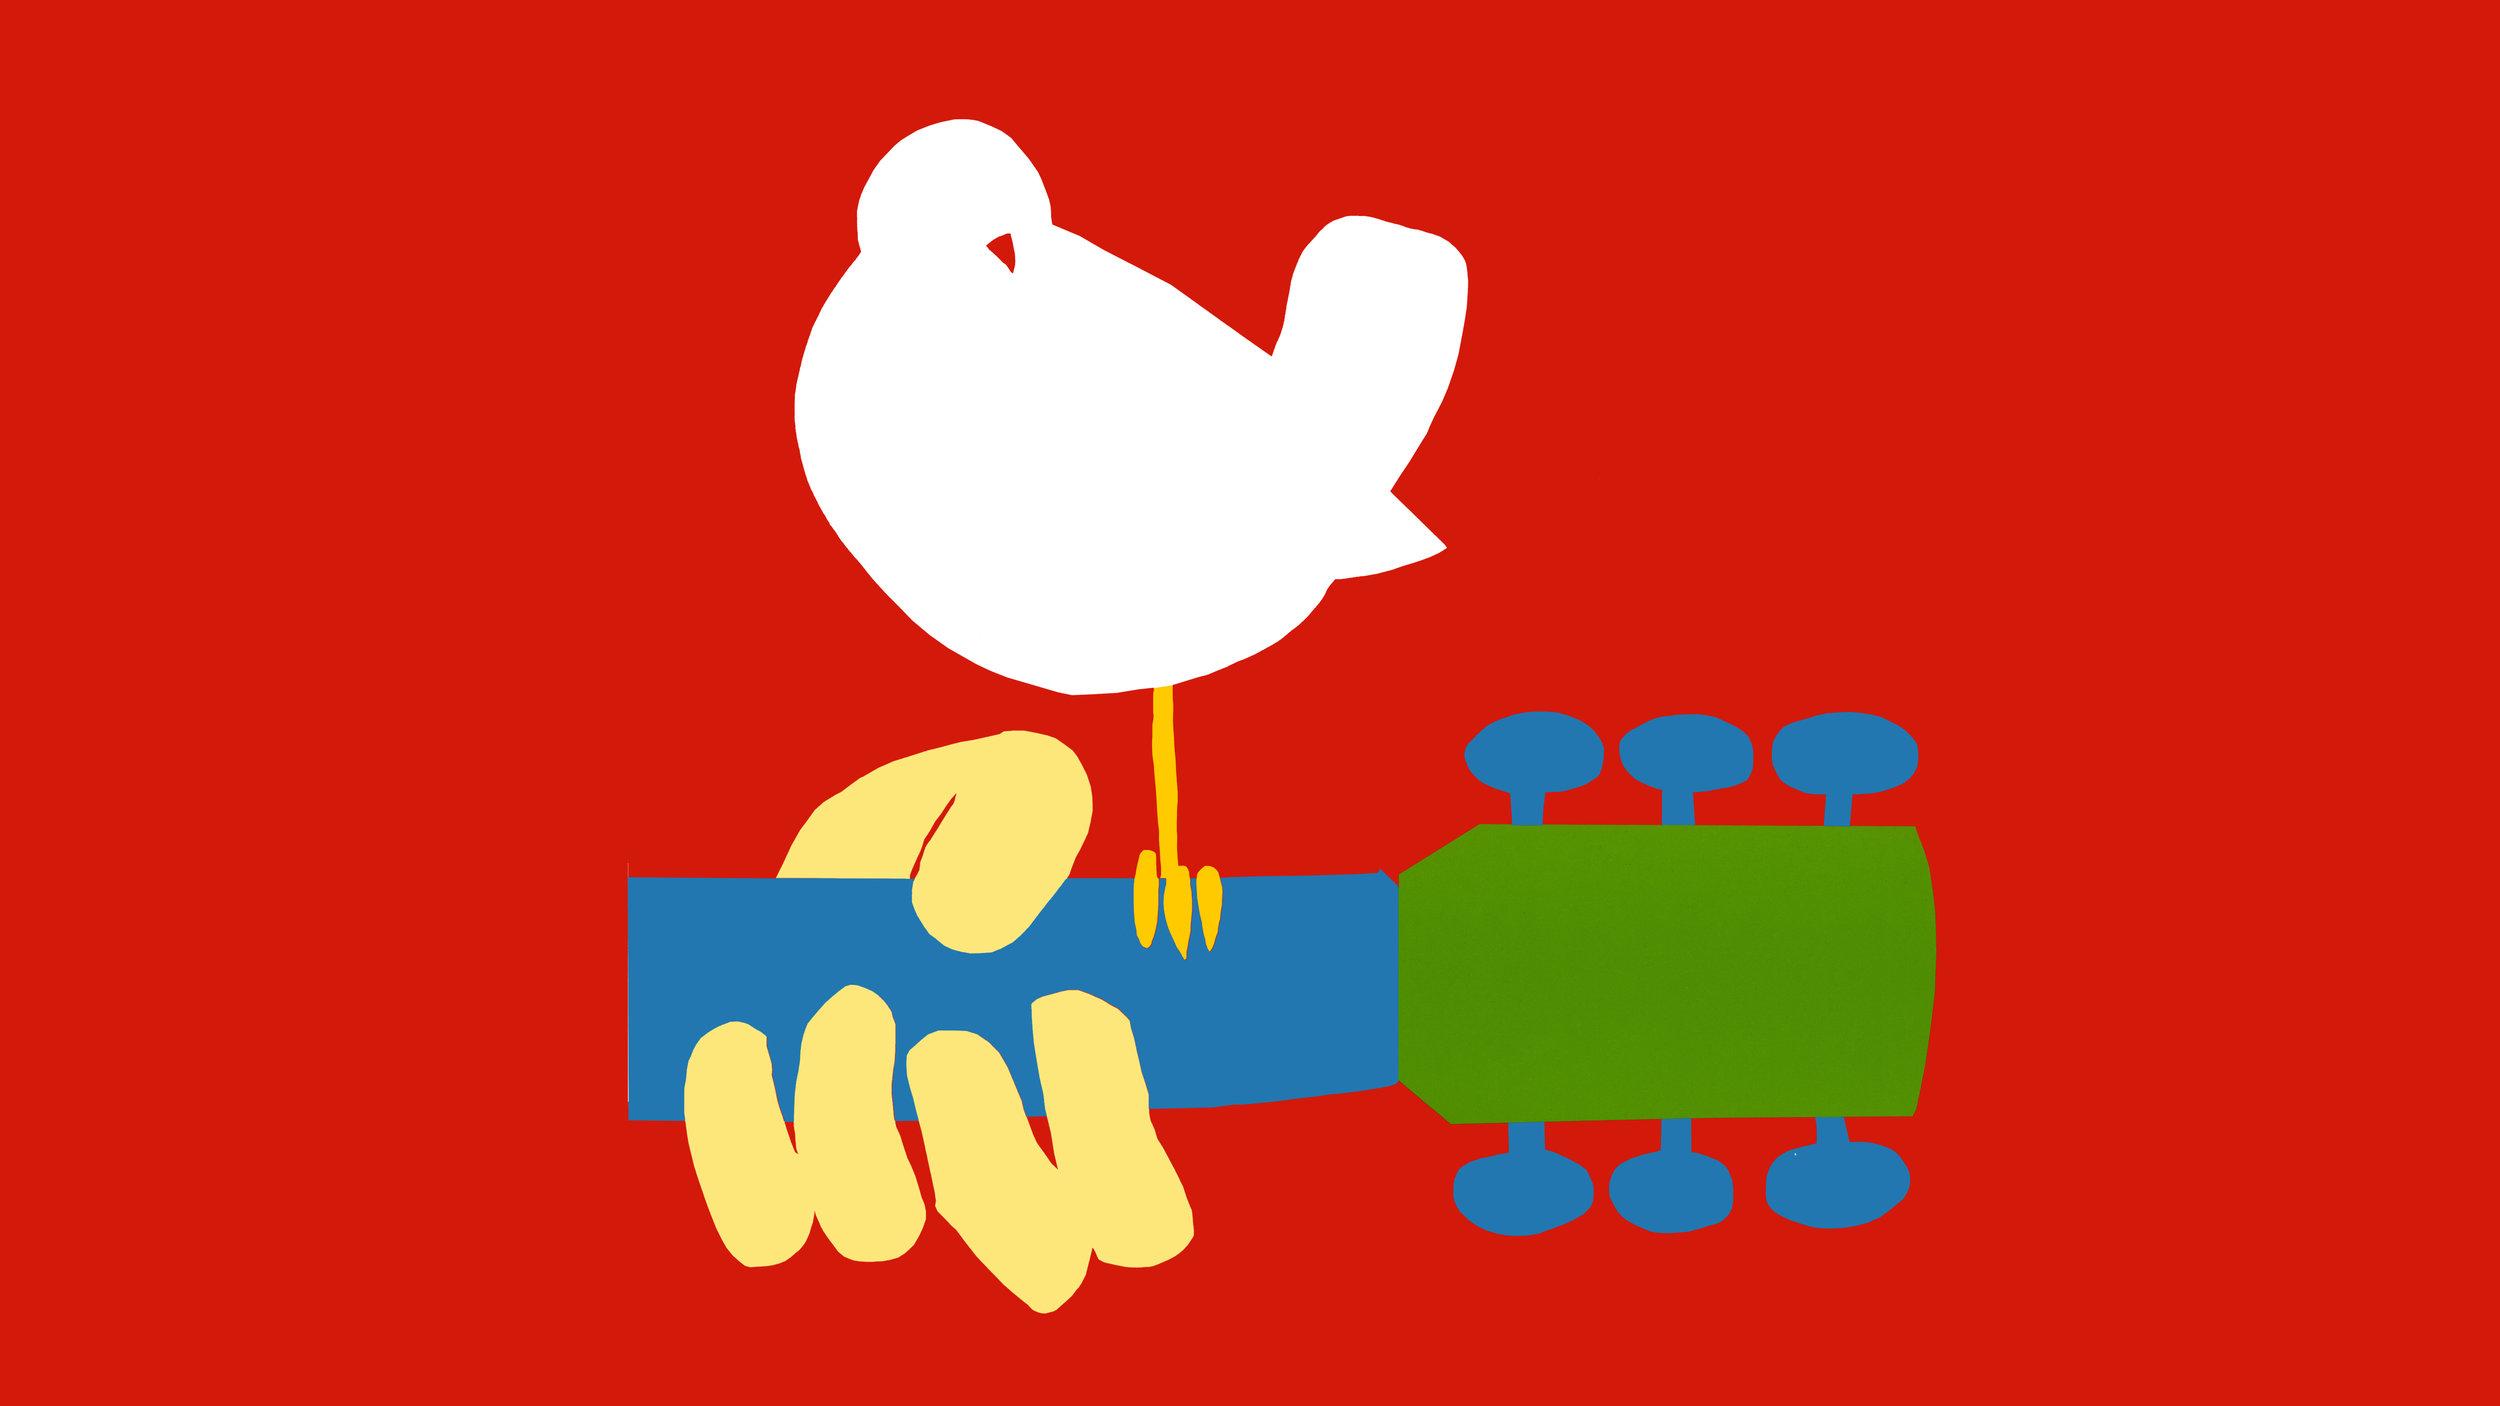 Woodstock_dove.jpg